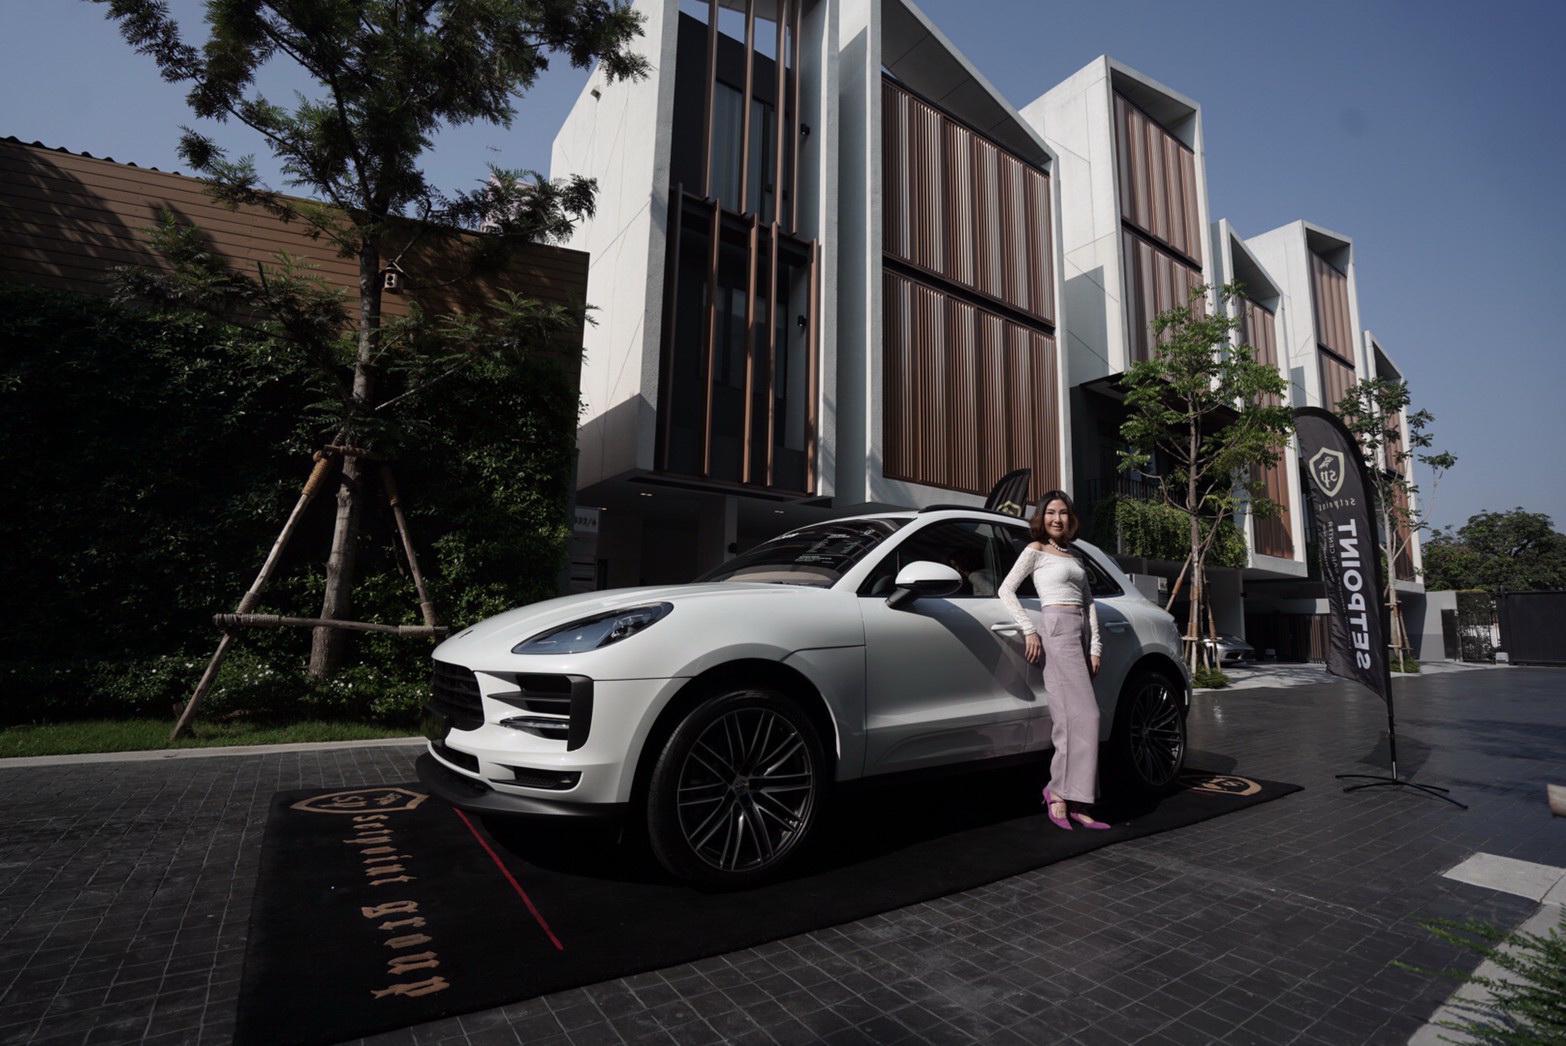 รูปบทความ ดี เวล แกรนด์ แอสเสท จัดงาน The Masterpiece Showcase จองบ้านได้รถ